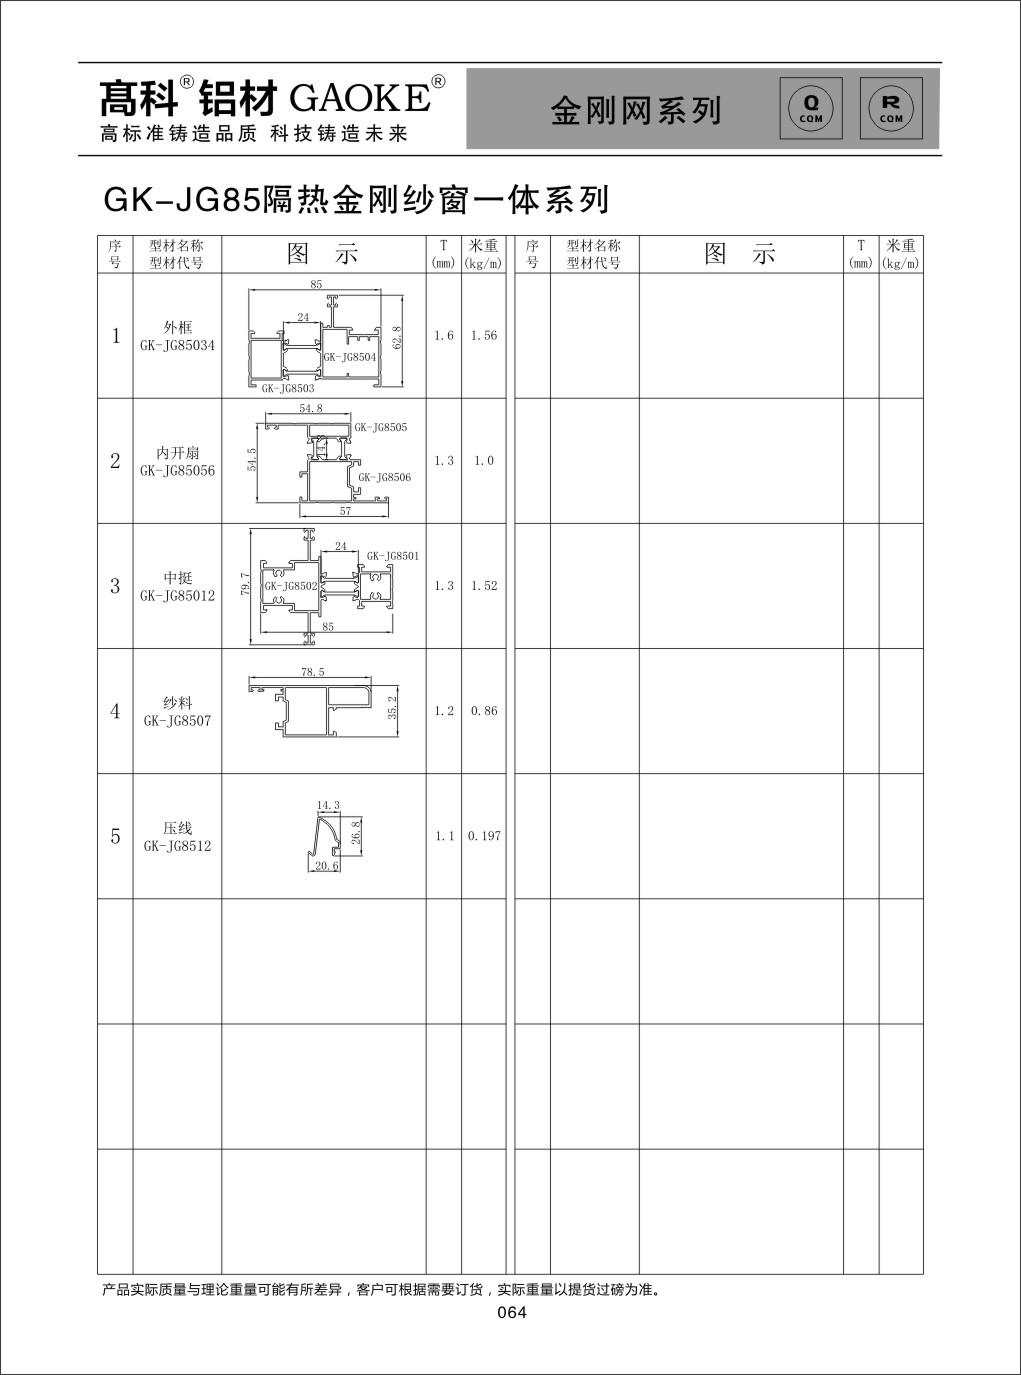 彩铝GK-JG85金刚网系列